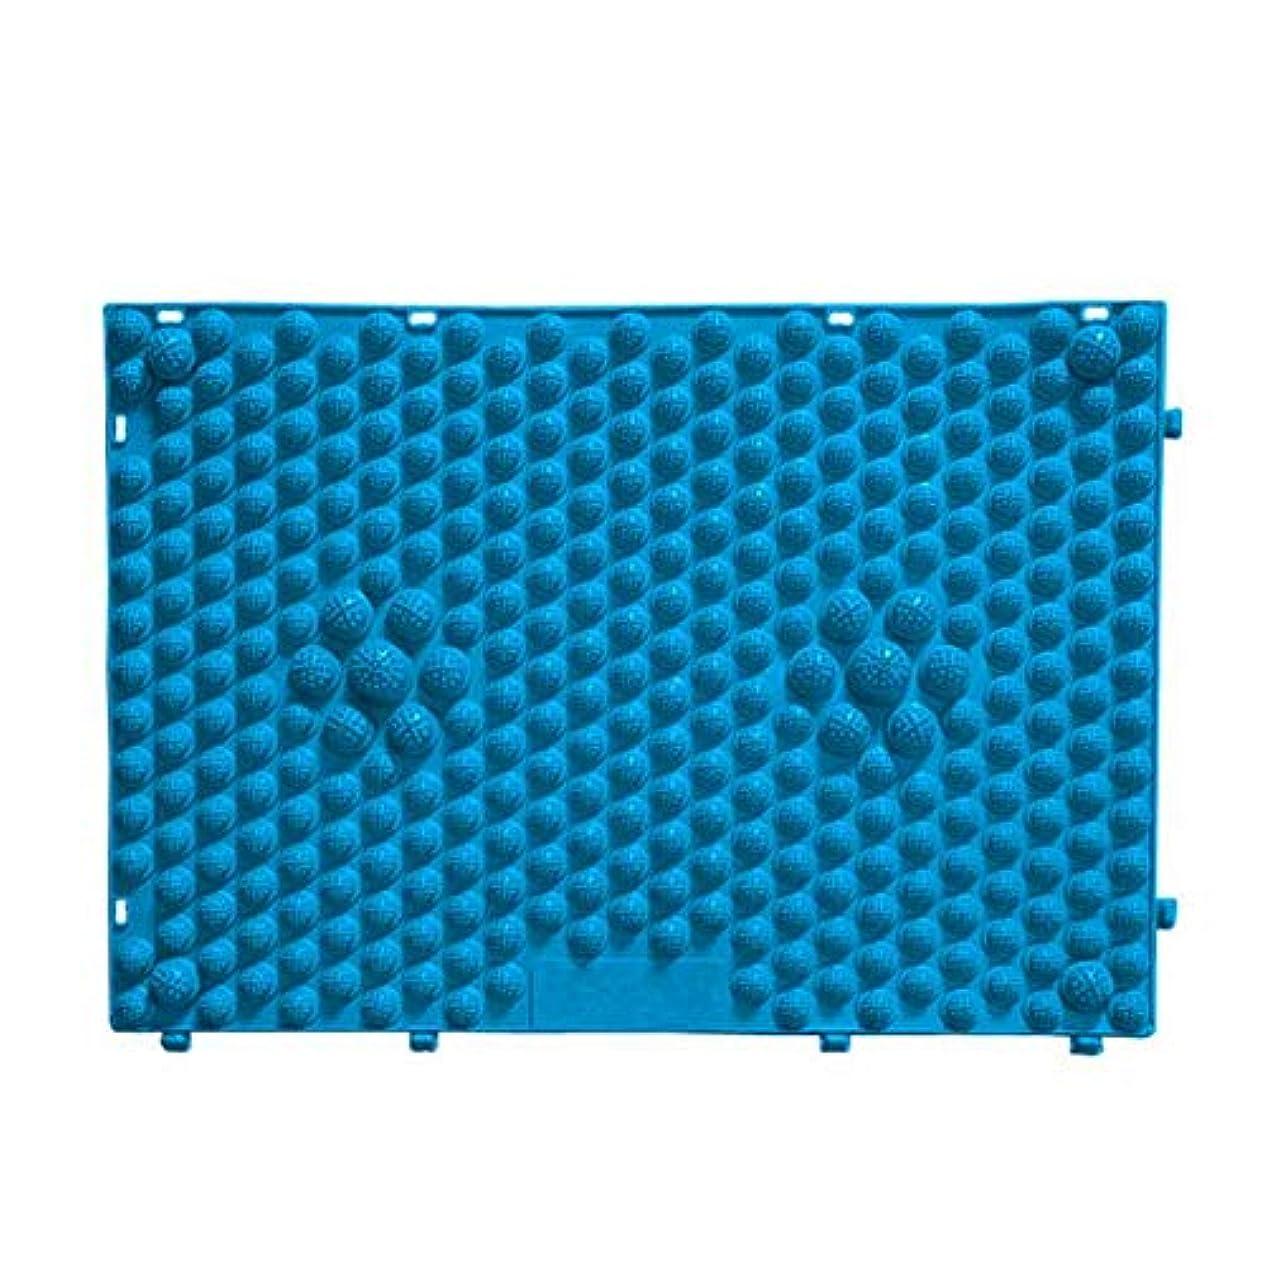 物質計画打ち負かすFOREVER YOUNG マッサージシート フットマッサージマット フットマッサージ ウォーキングマット 足踏みマッサージ 足つぼ マット 足裏マット 組合せ 60*40cm (ブルー)